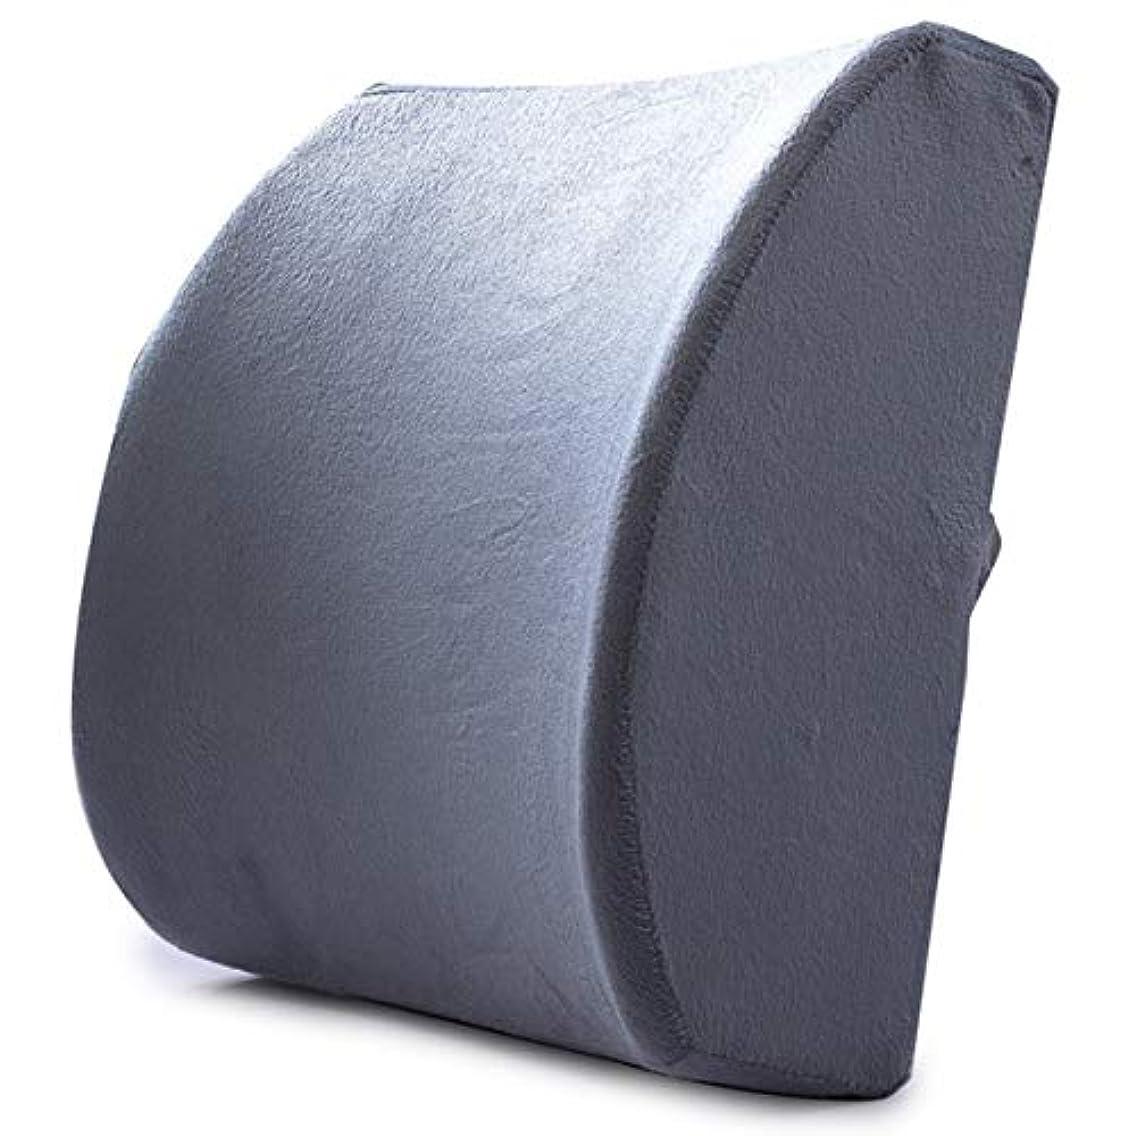 かび臭い同意する他の日Memory Foam Lumbar Support Waist Cushion Pillow For Chairs in the Car Seat Pillows Home Office Relieve Pain